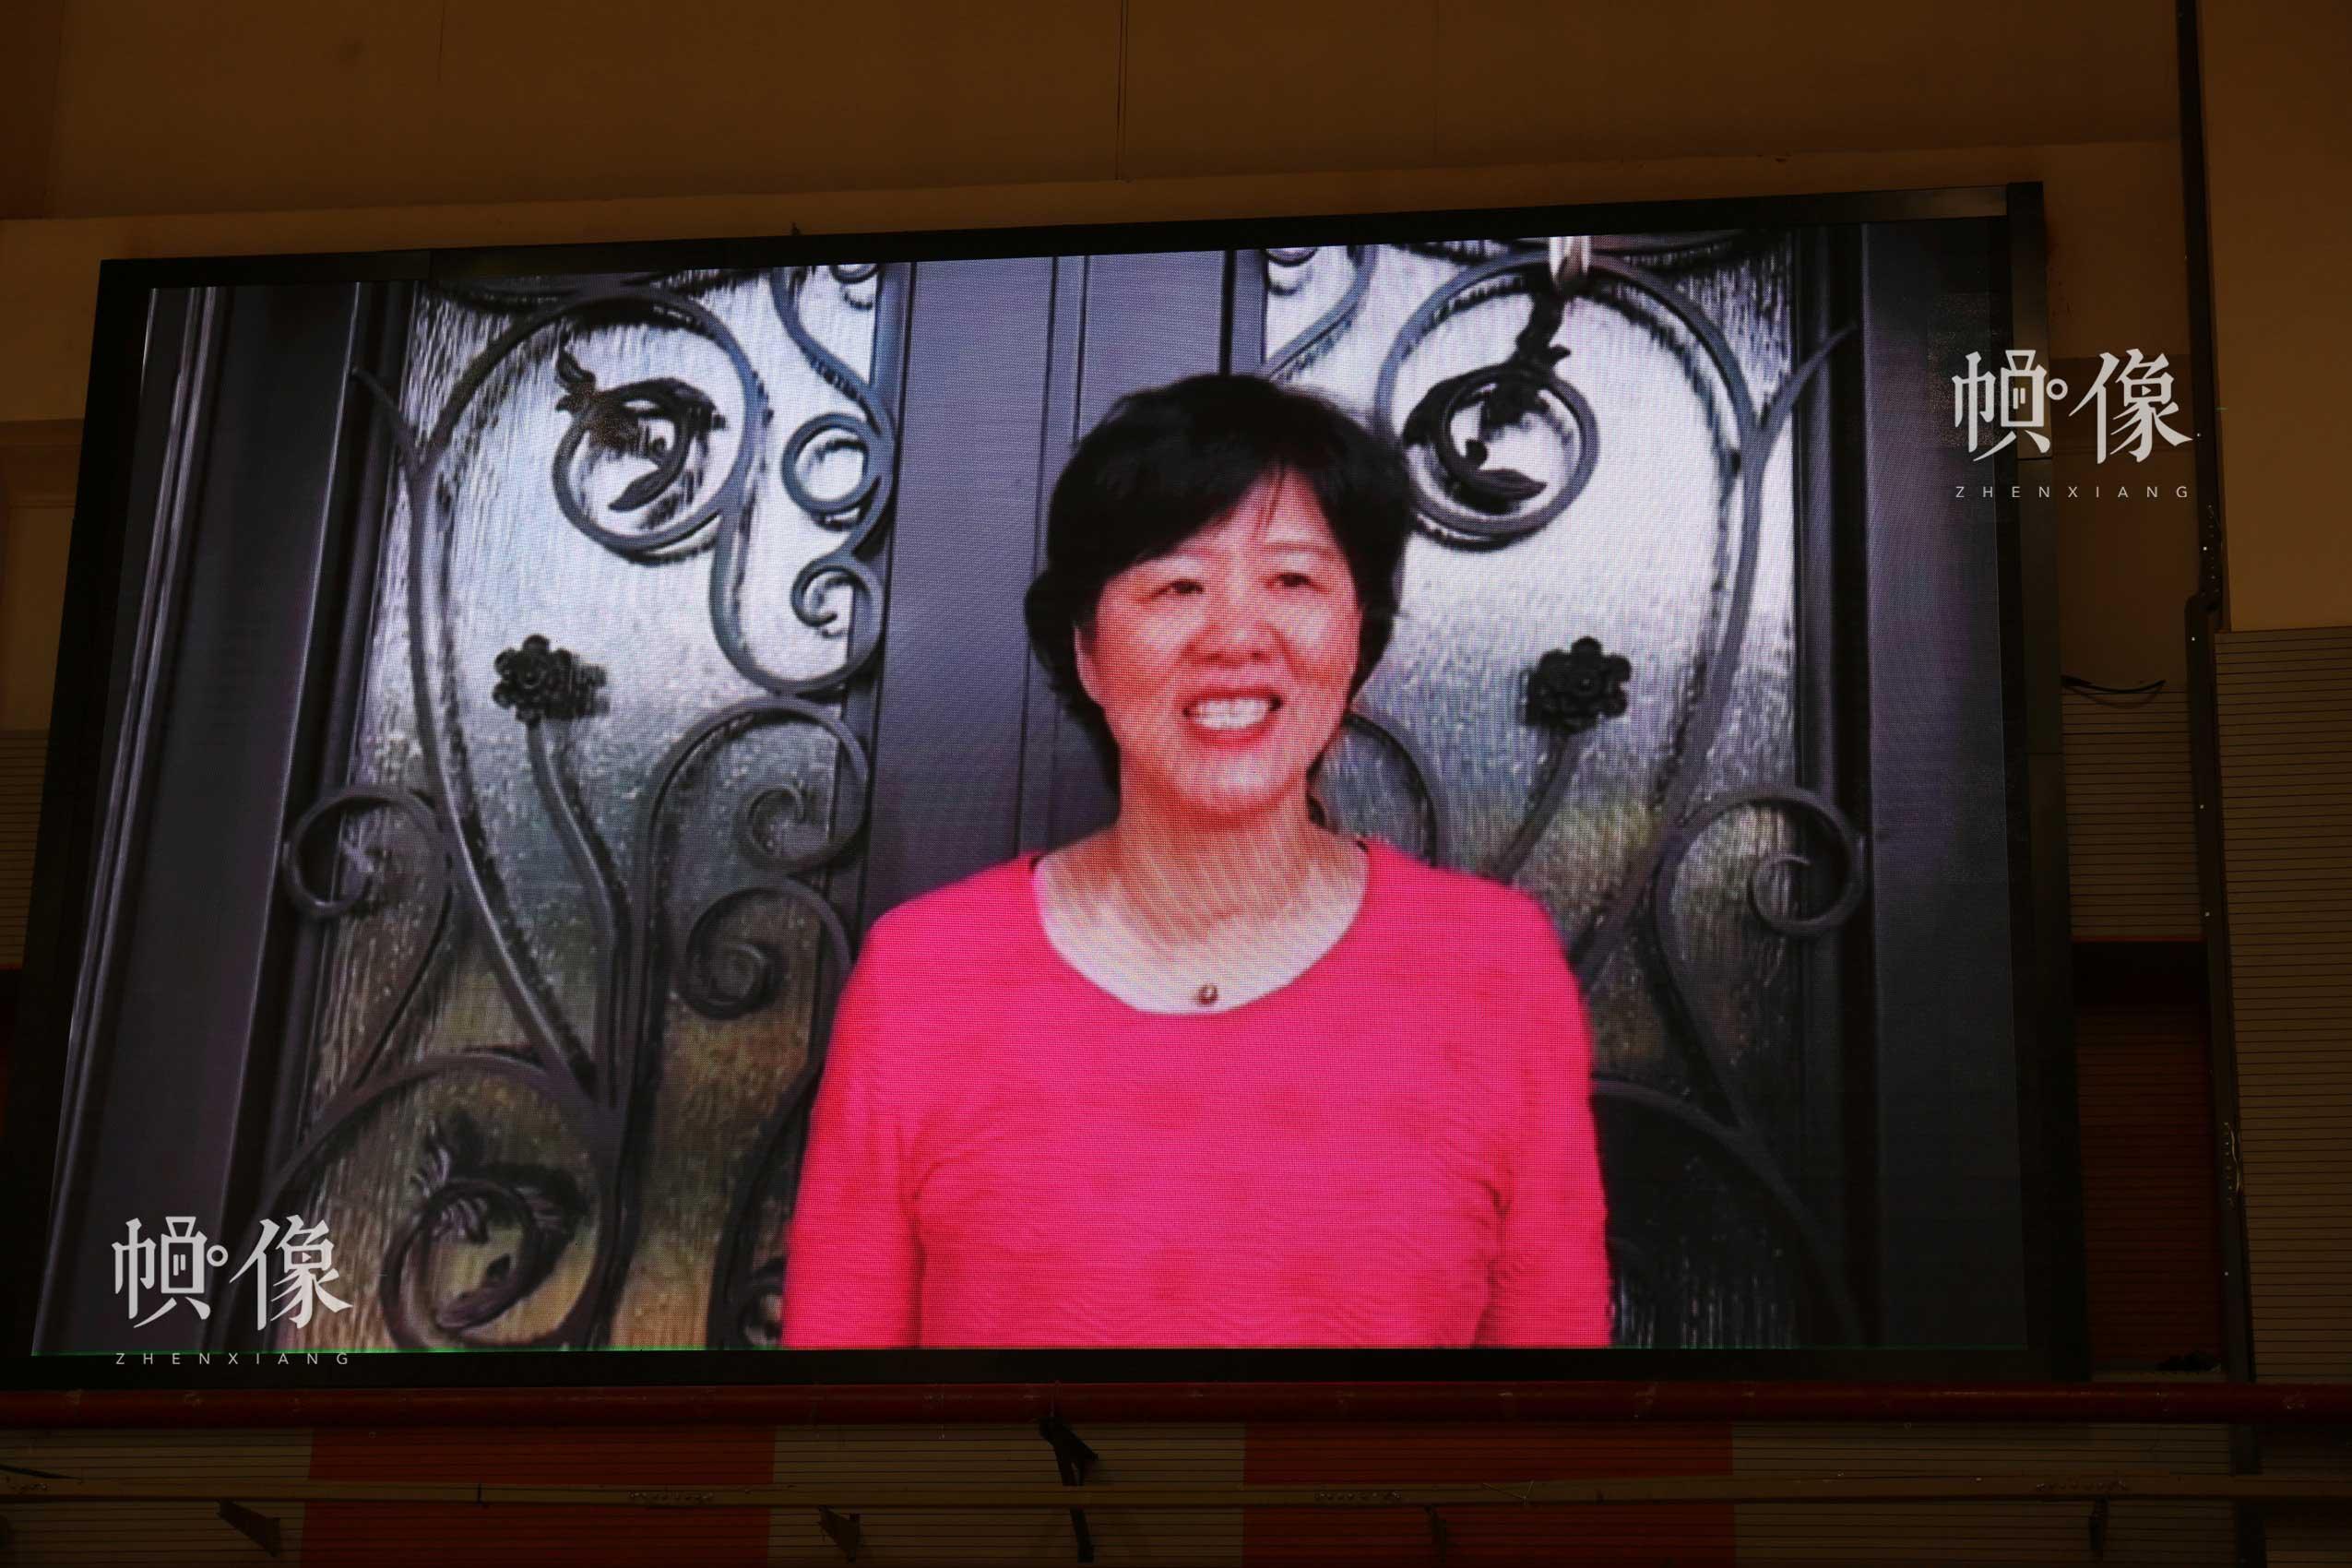 2017年8月10日,第七届残疾人健身周推广日活动在京举行,中国女排主教练郎平从美国发来VCR视频。中国网记者 王梦泽 摄